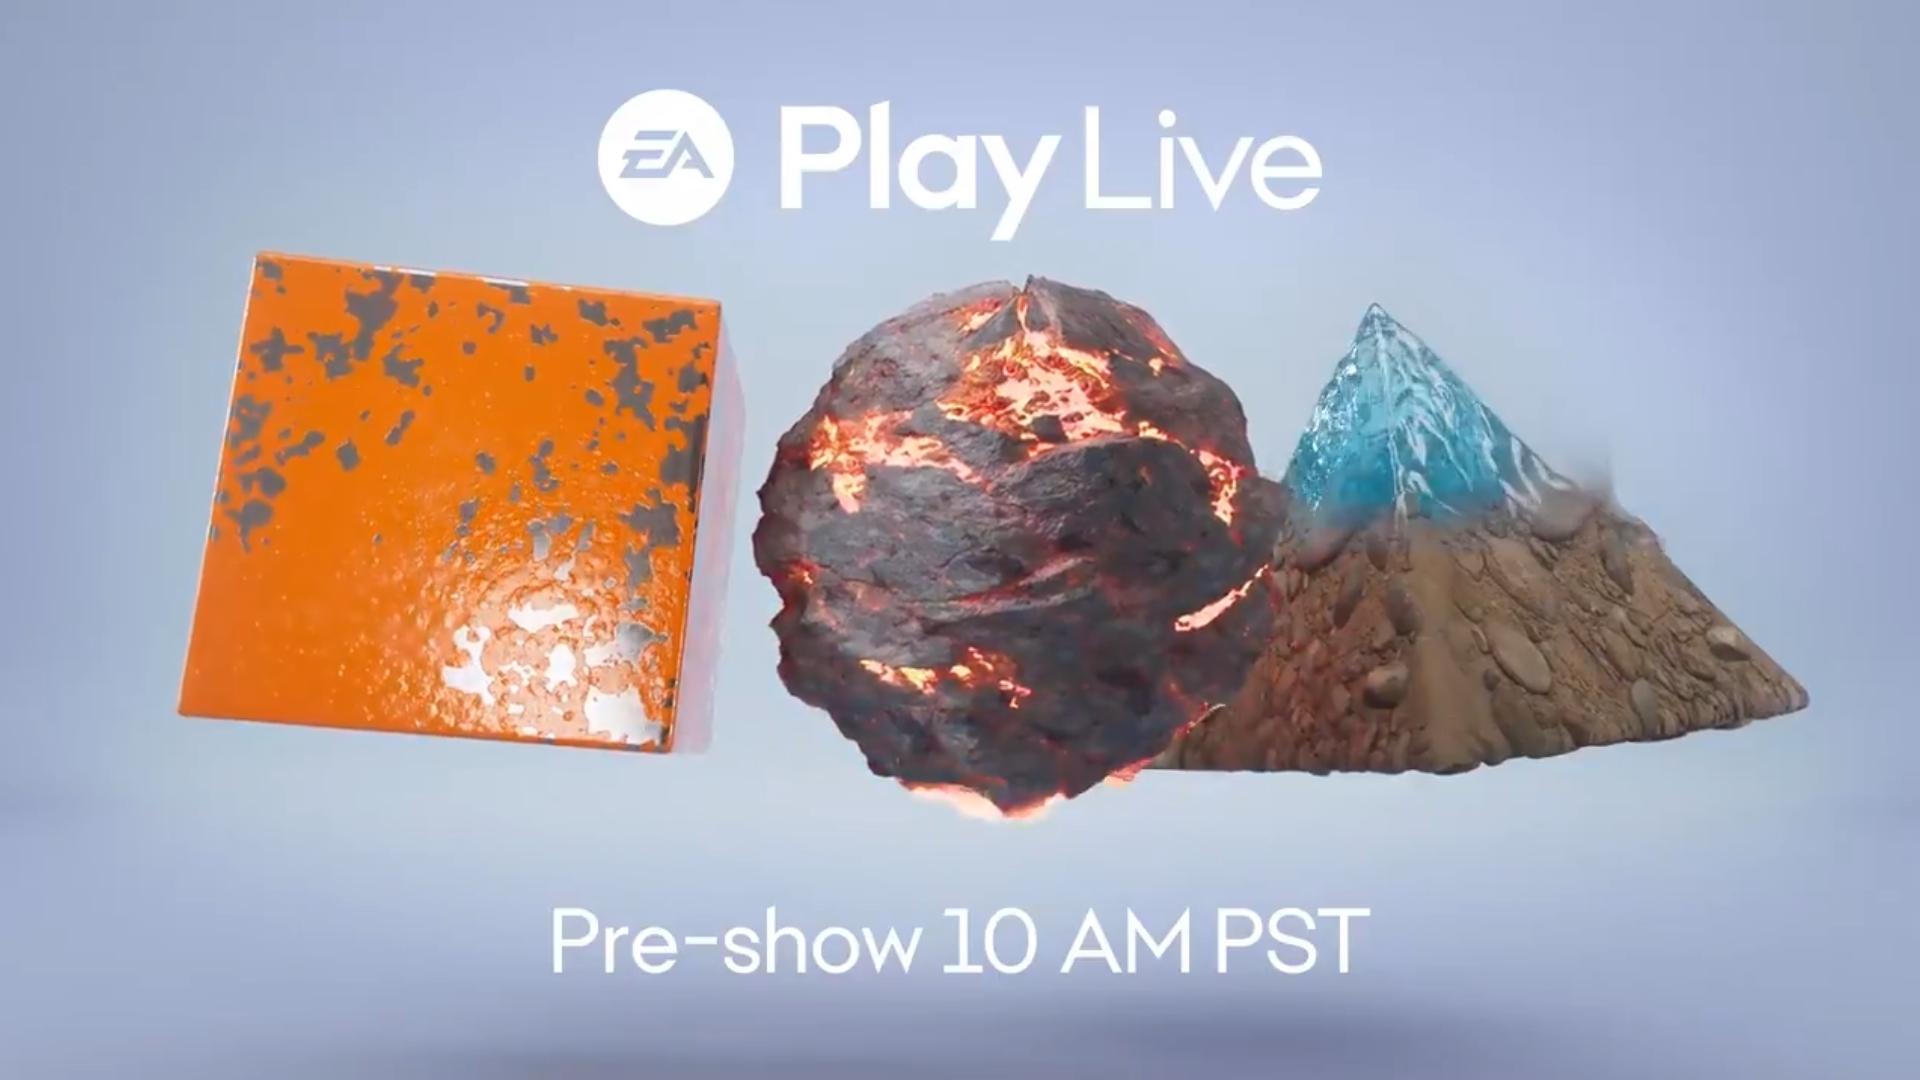 【APEX】EAの公式イベント「EA Play Live」が7月23日に配信されるぞ!!→エーペックス シーズン10の情報が公開されるかも!?